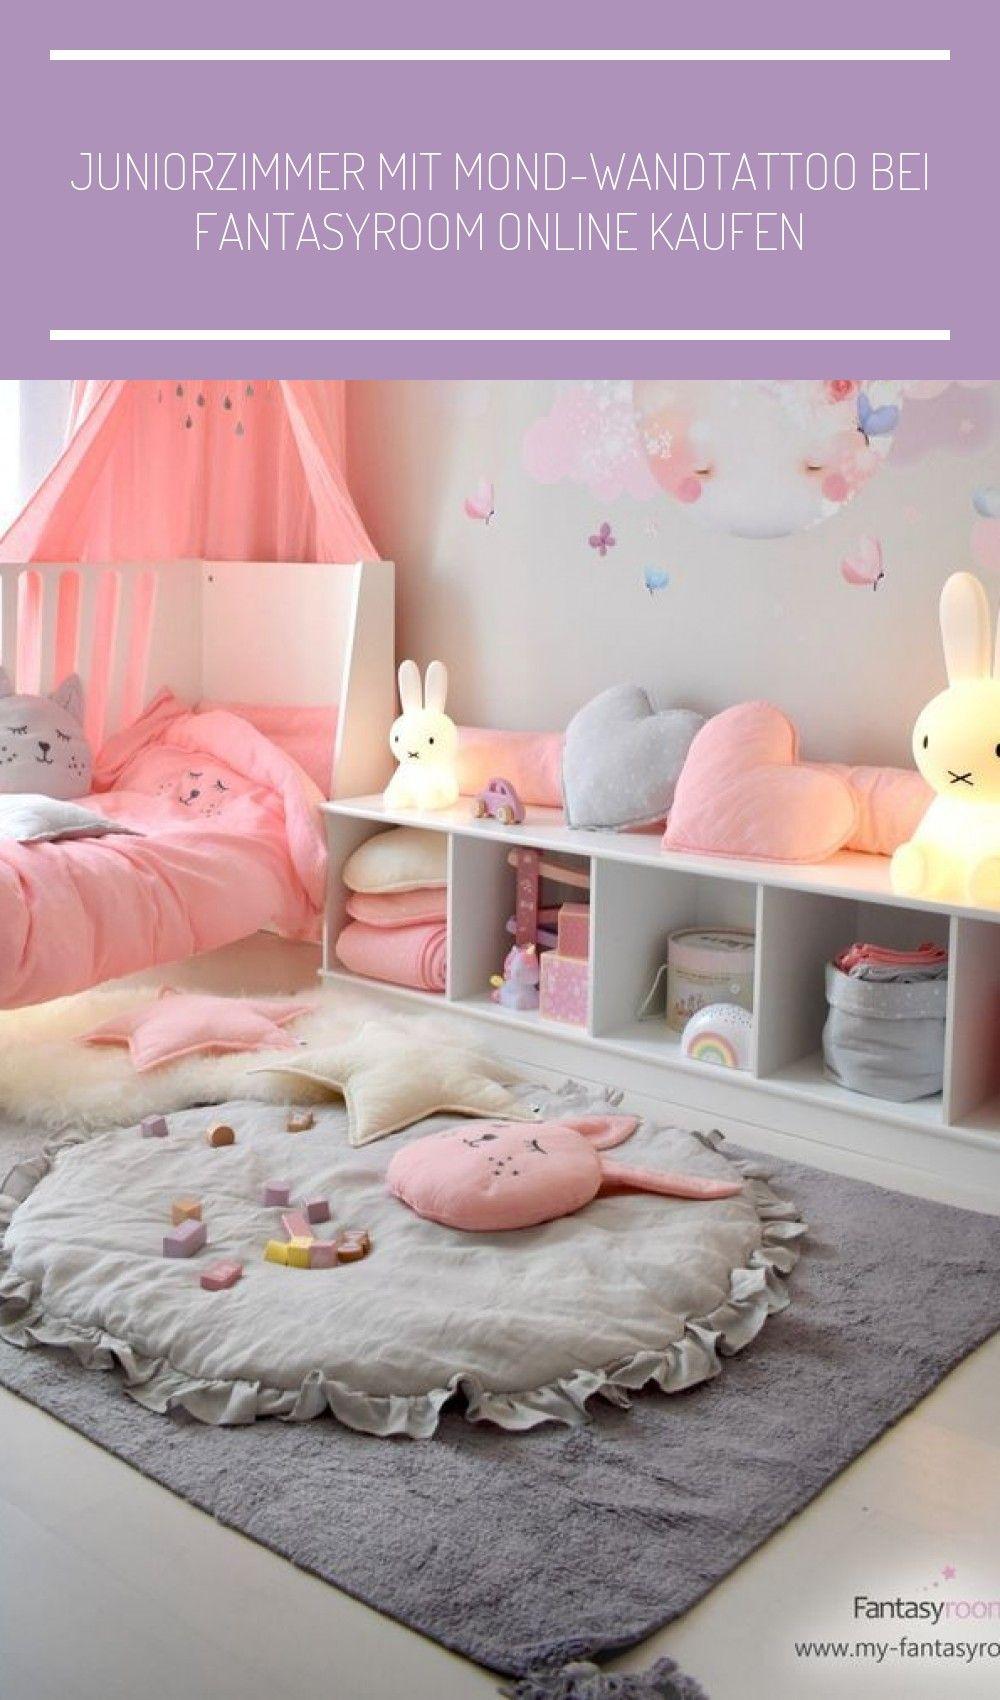 Kinderzimmer für Mädchen in Rosa & Grau Dekoidee zum